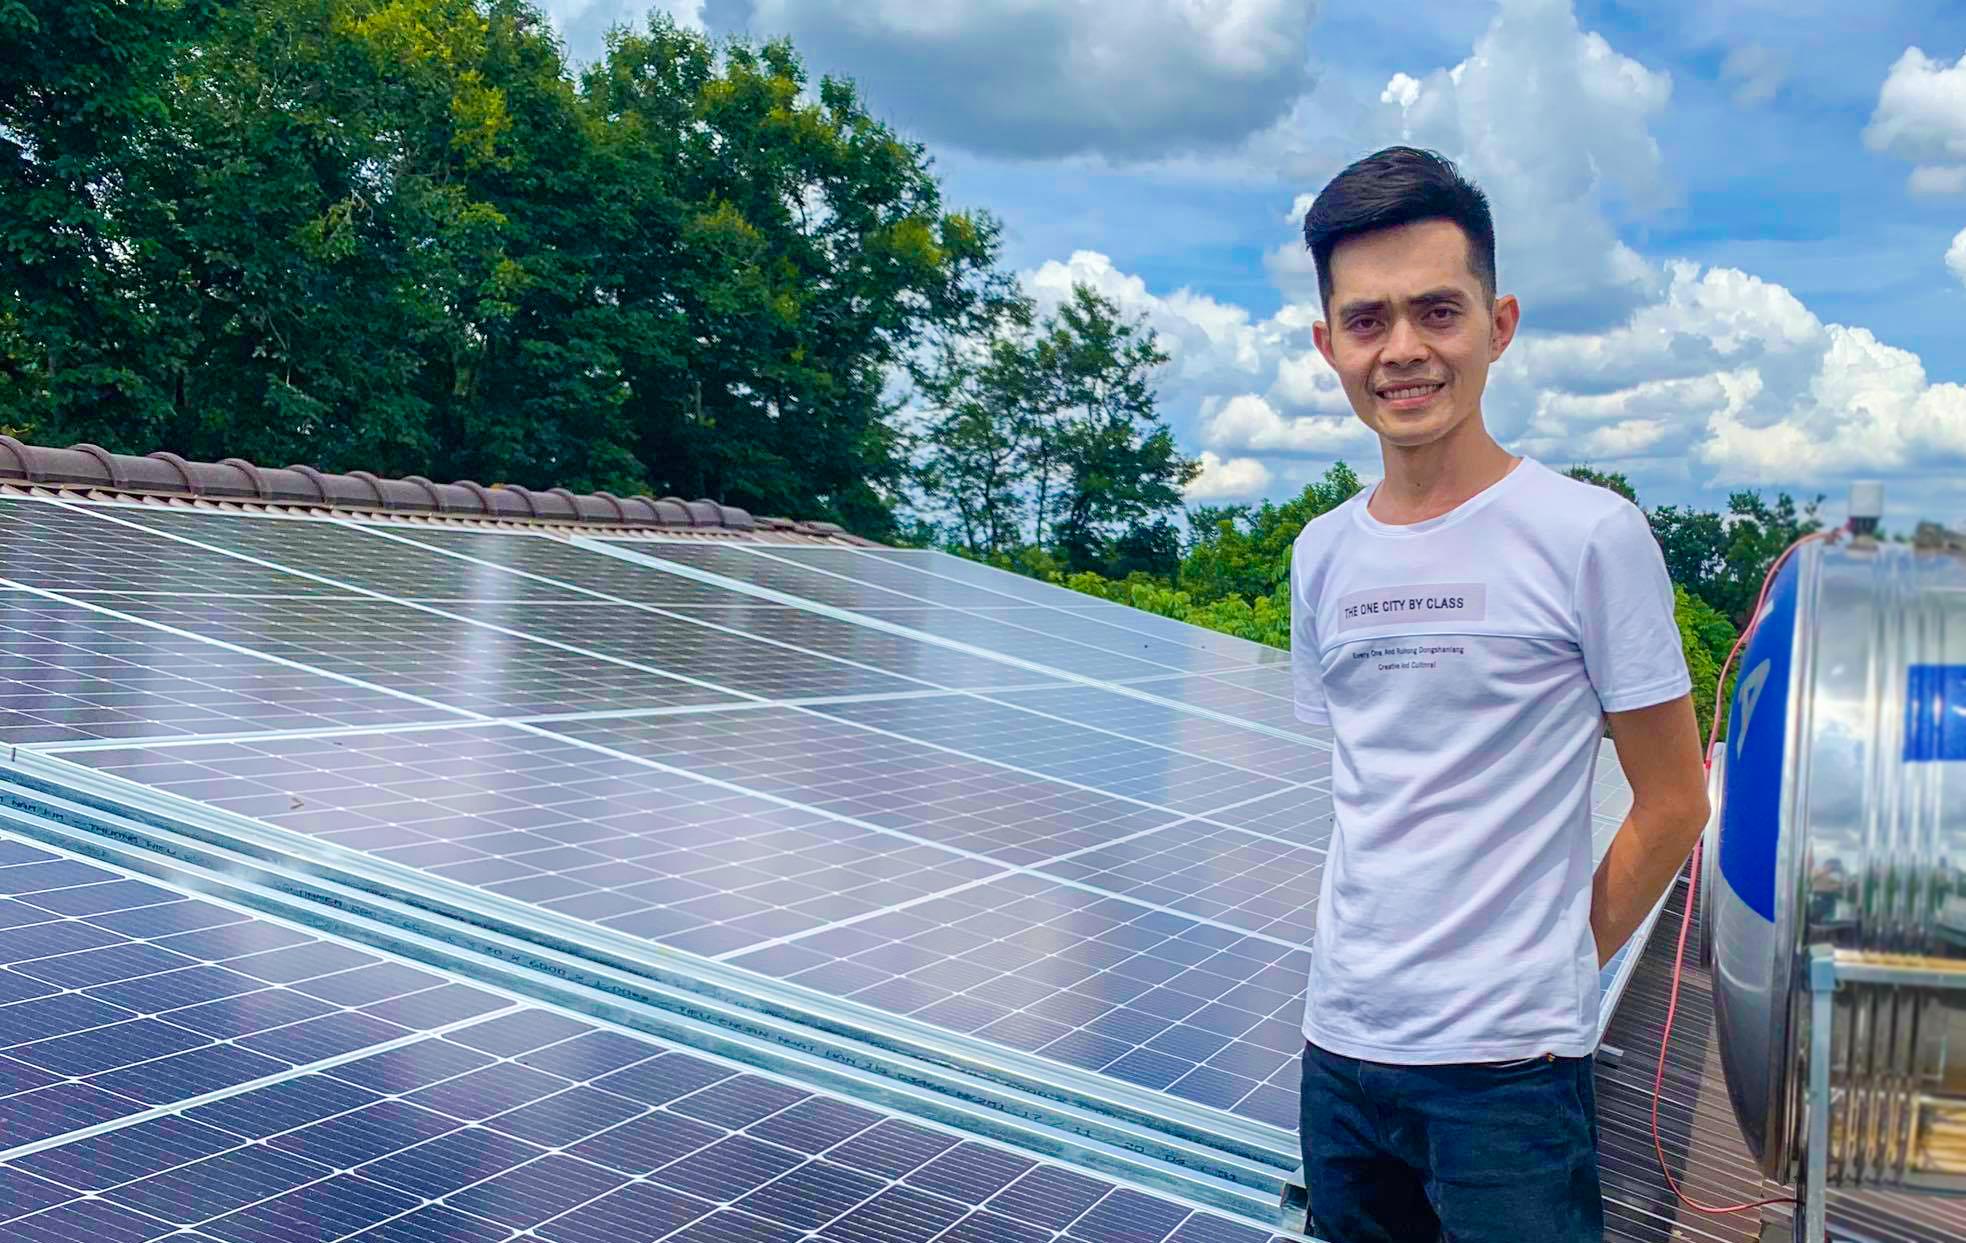 Anh Nguyễn Duy Quân bên hệ thống tấm pin năng lượng mặt trời.